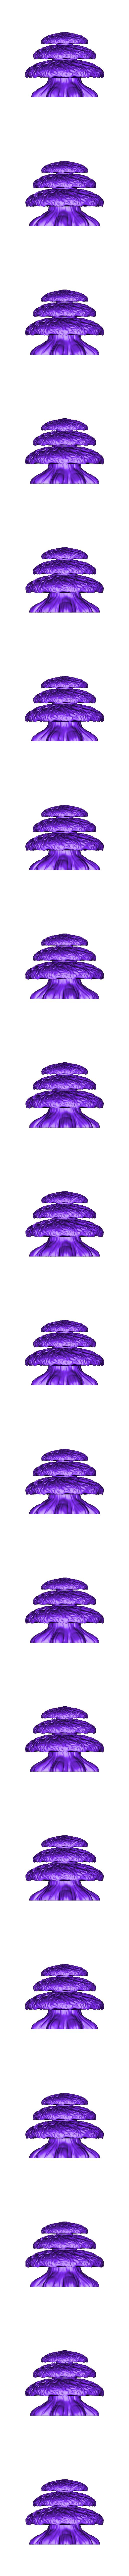 Tree_-_Full.stl Télécharger fichier STL gratuit Arbre - Zelda • Plan pour imprimante 3D, BODY3D